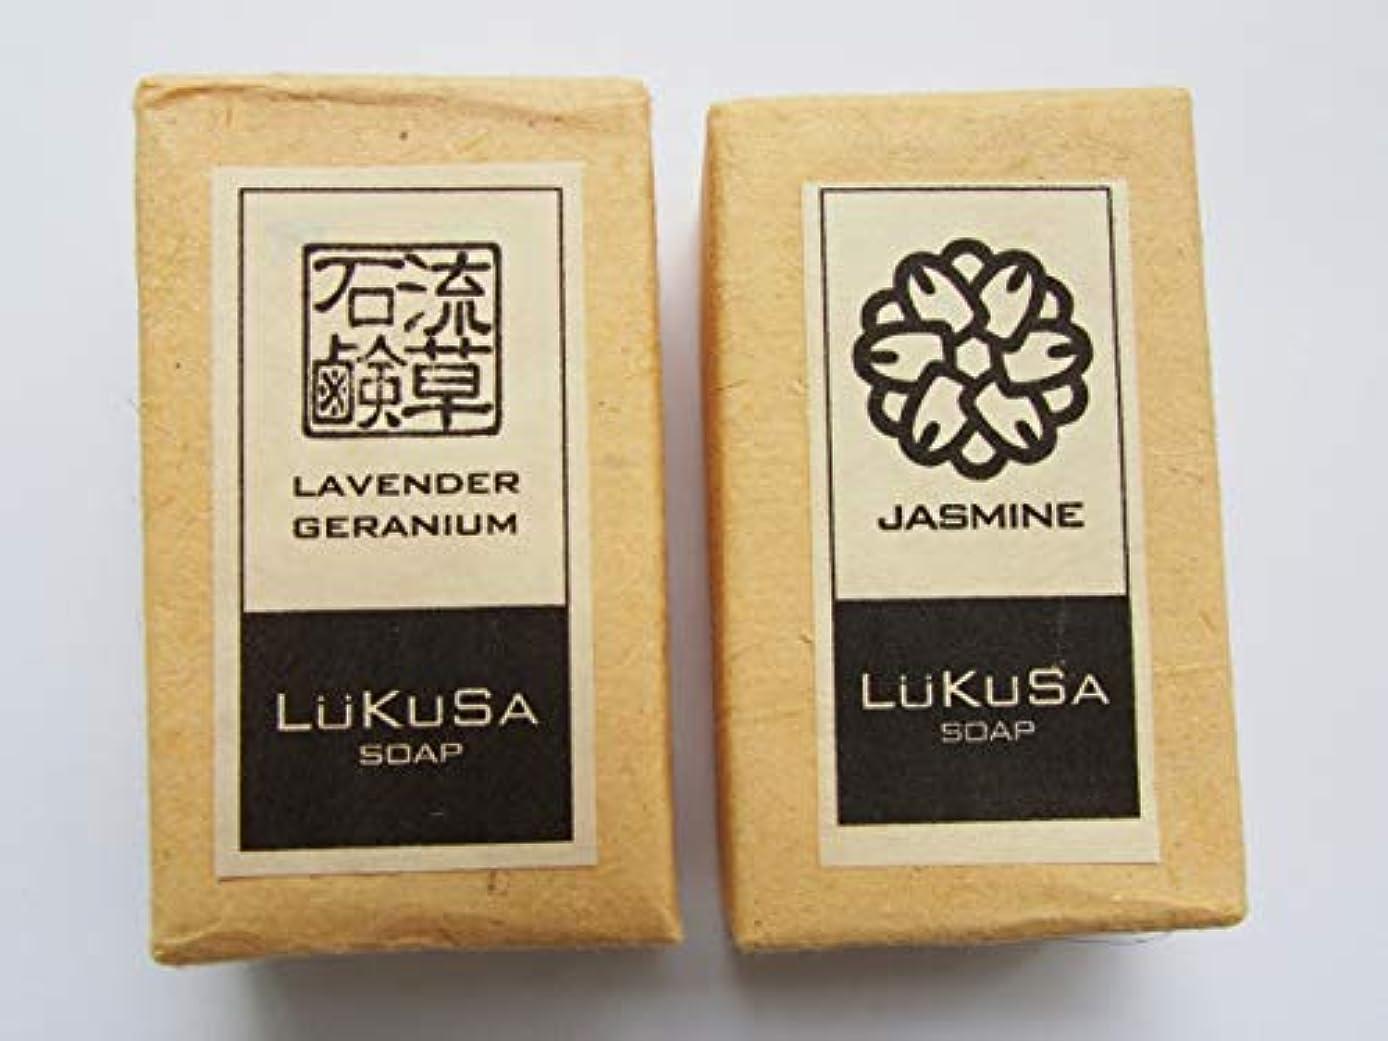 拷問ダウンタウンを通して【サマーセール】LUKUSAジャスミン石鹸 +ラベンダー石鹸セット